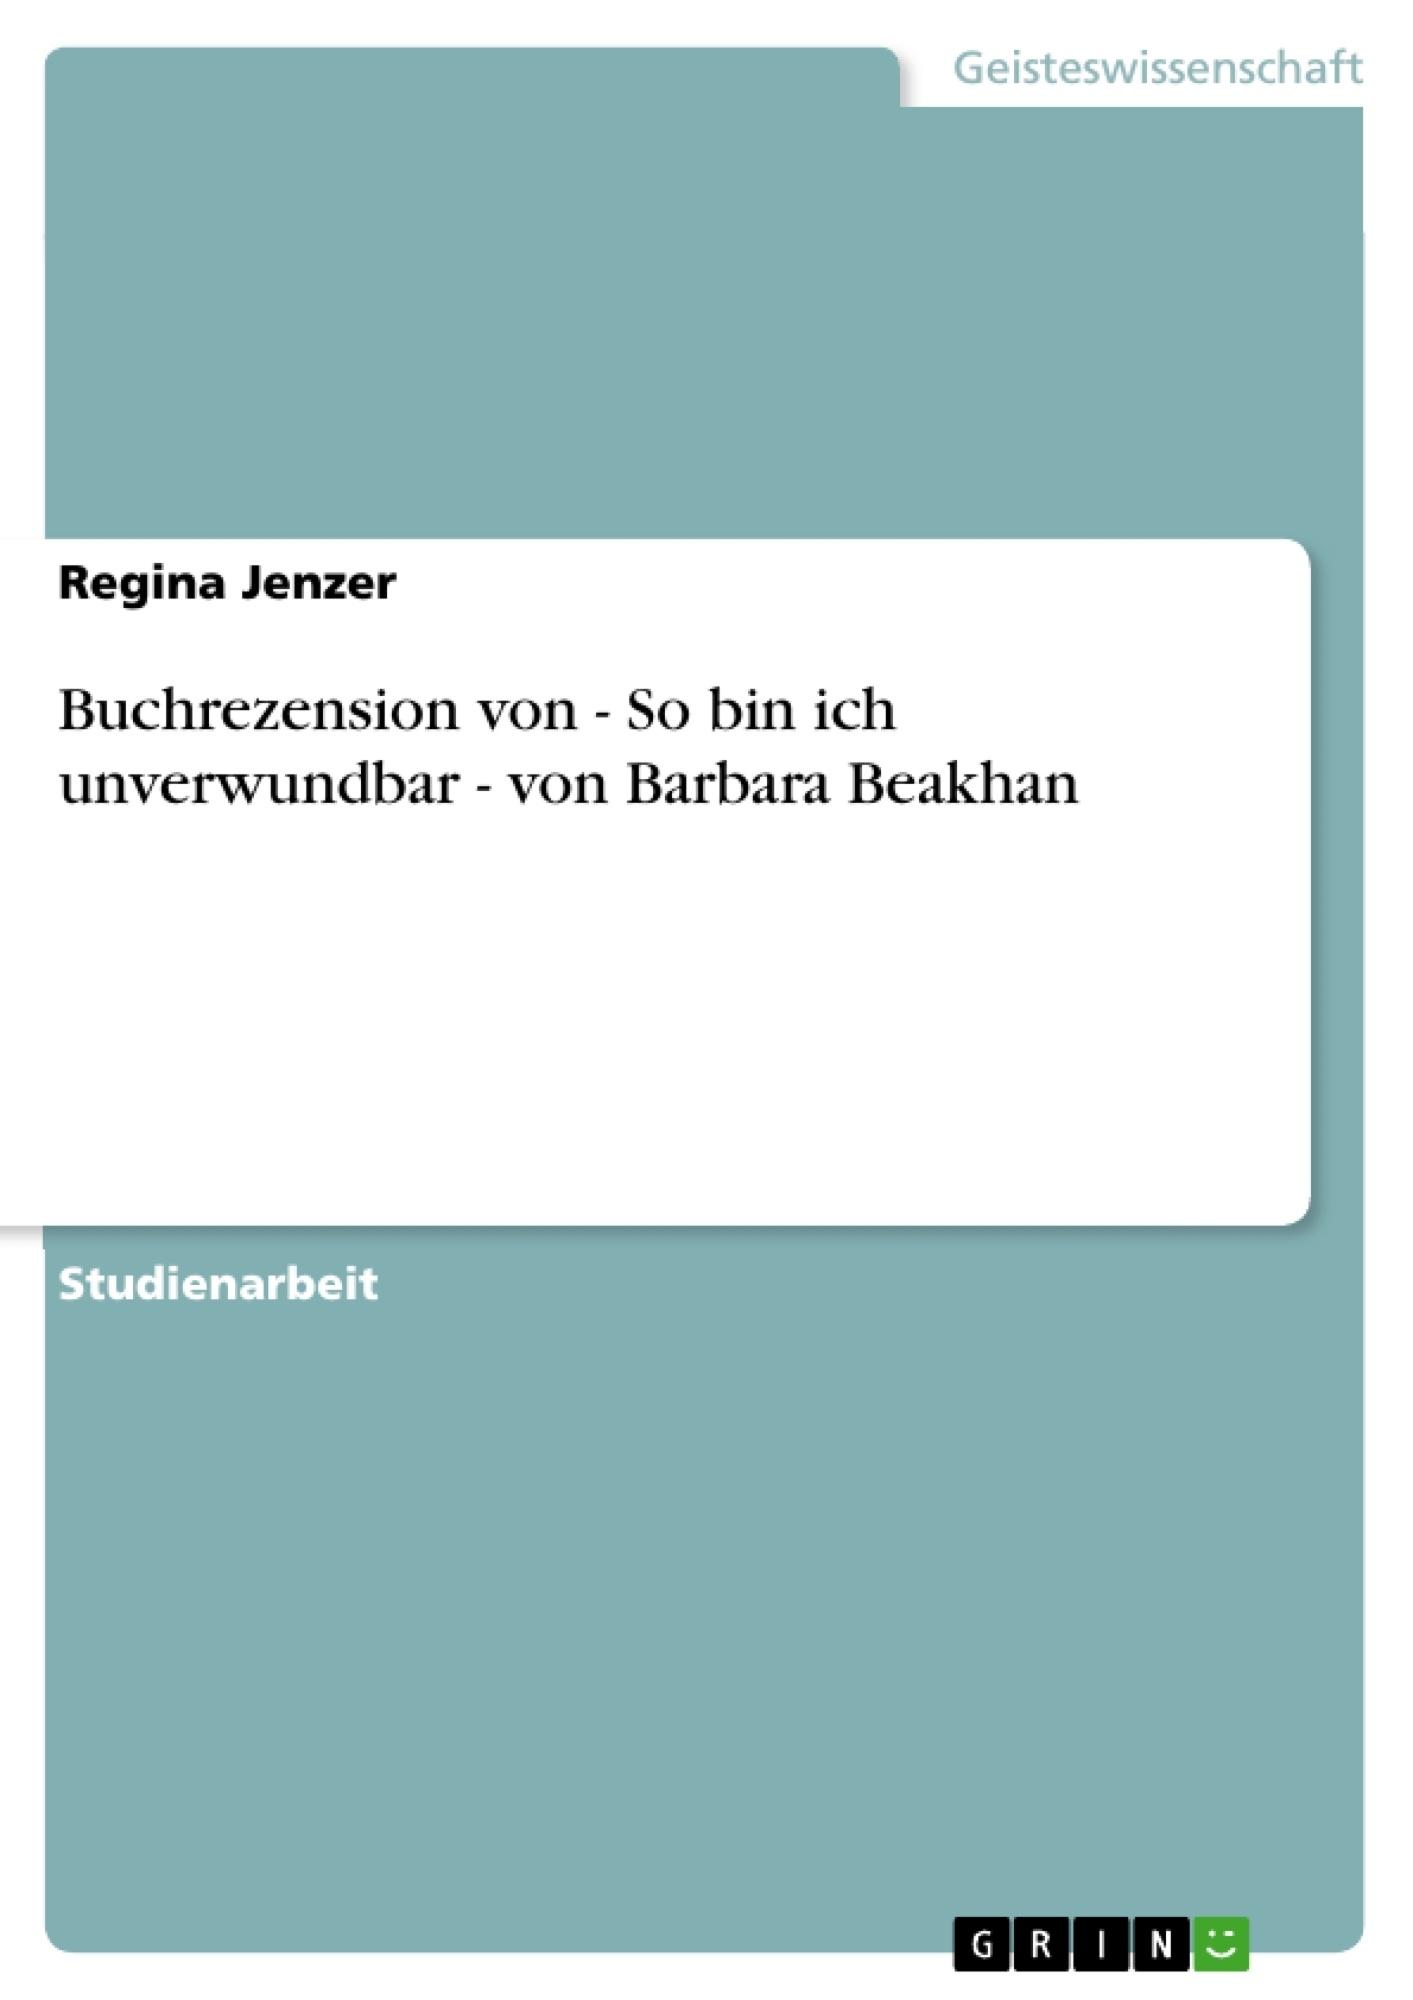 Titel: Buchrezension von - So bin ich unverwundbar - von Barbara Beakhan